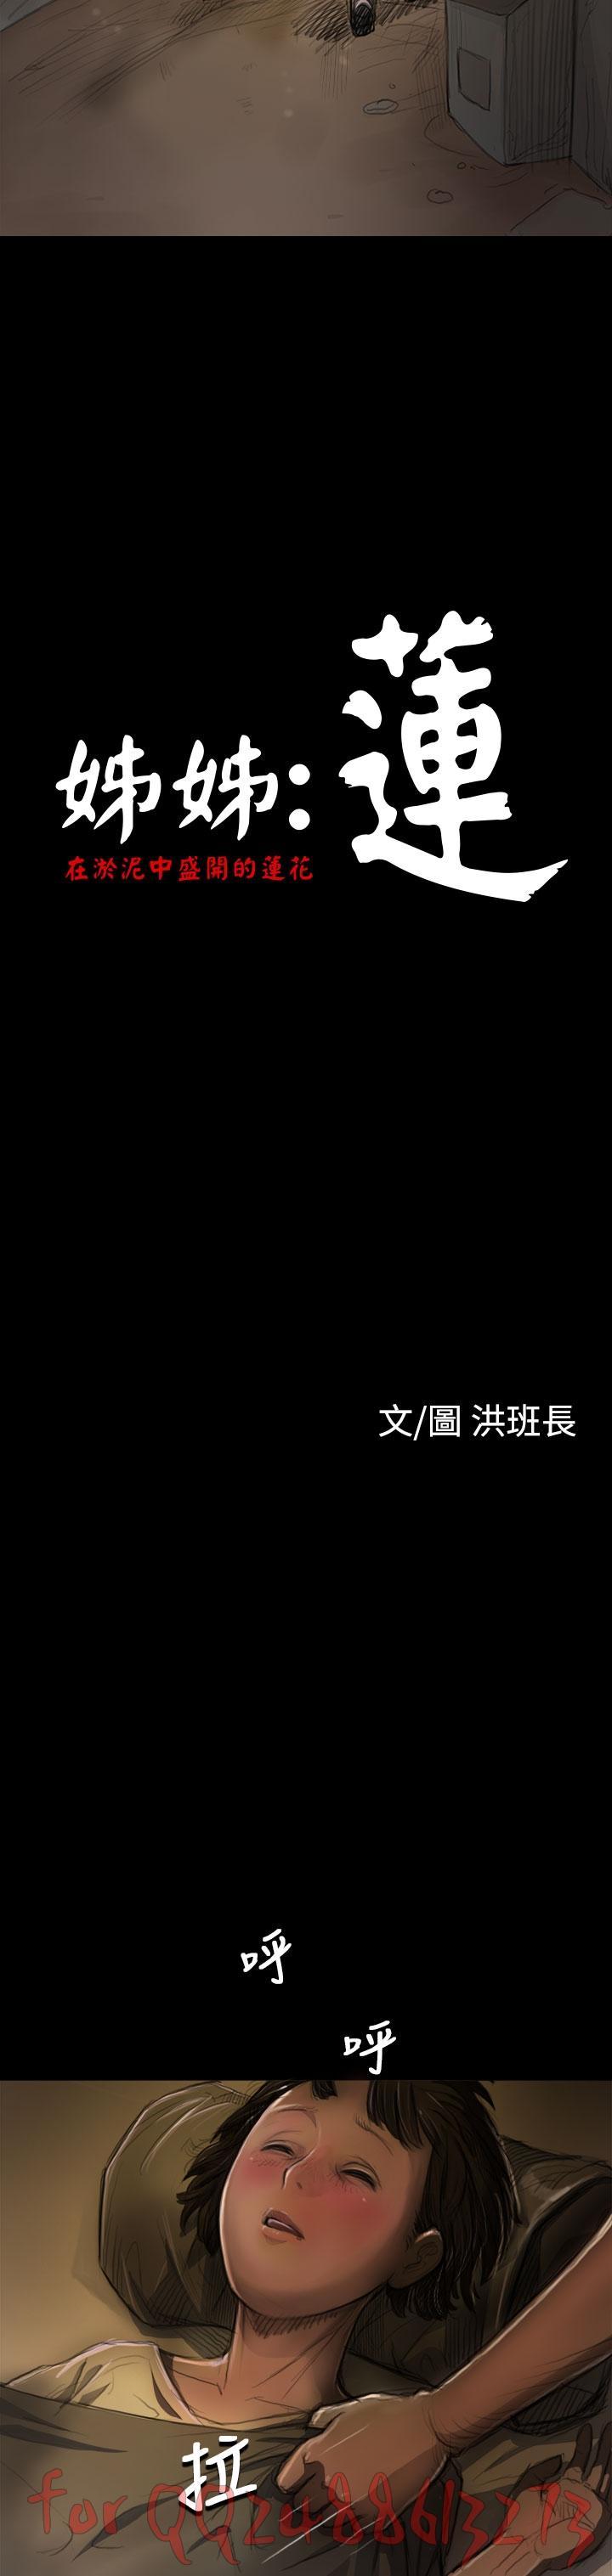 姊姊: 莲 第1~10話 [Chinese]中文 259